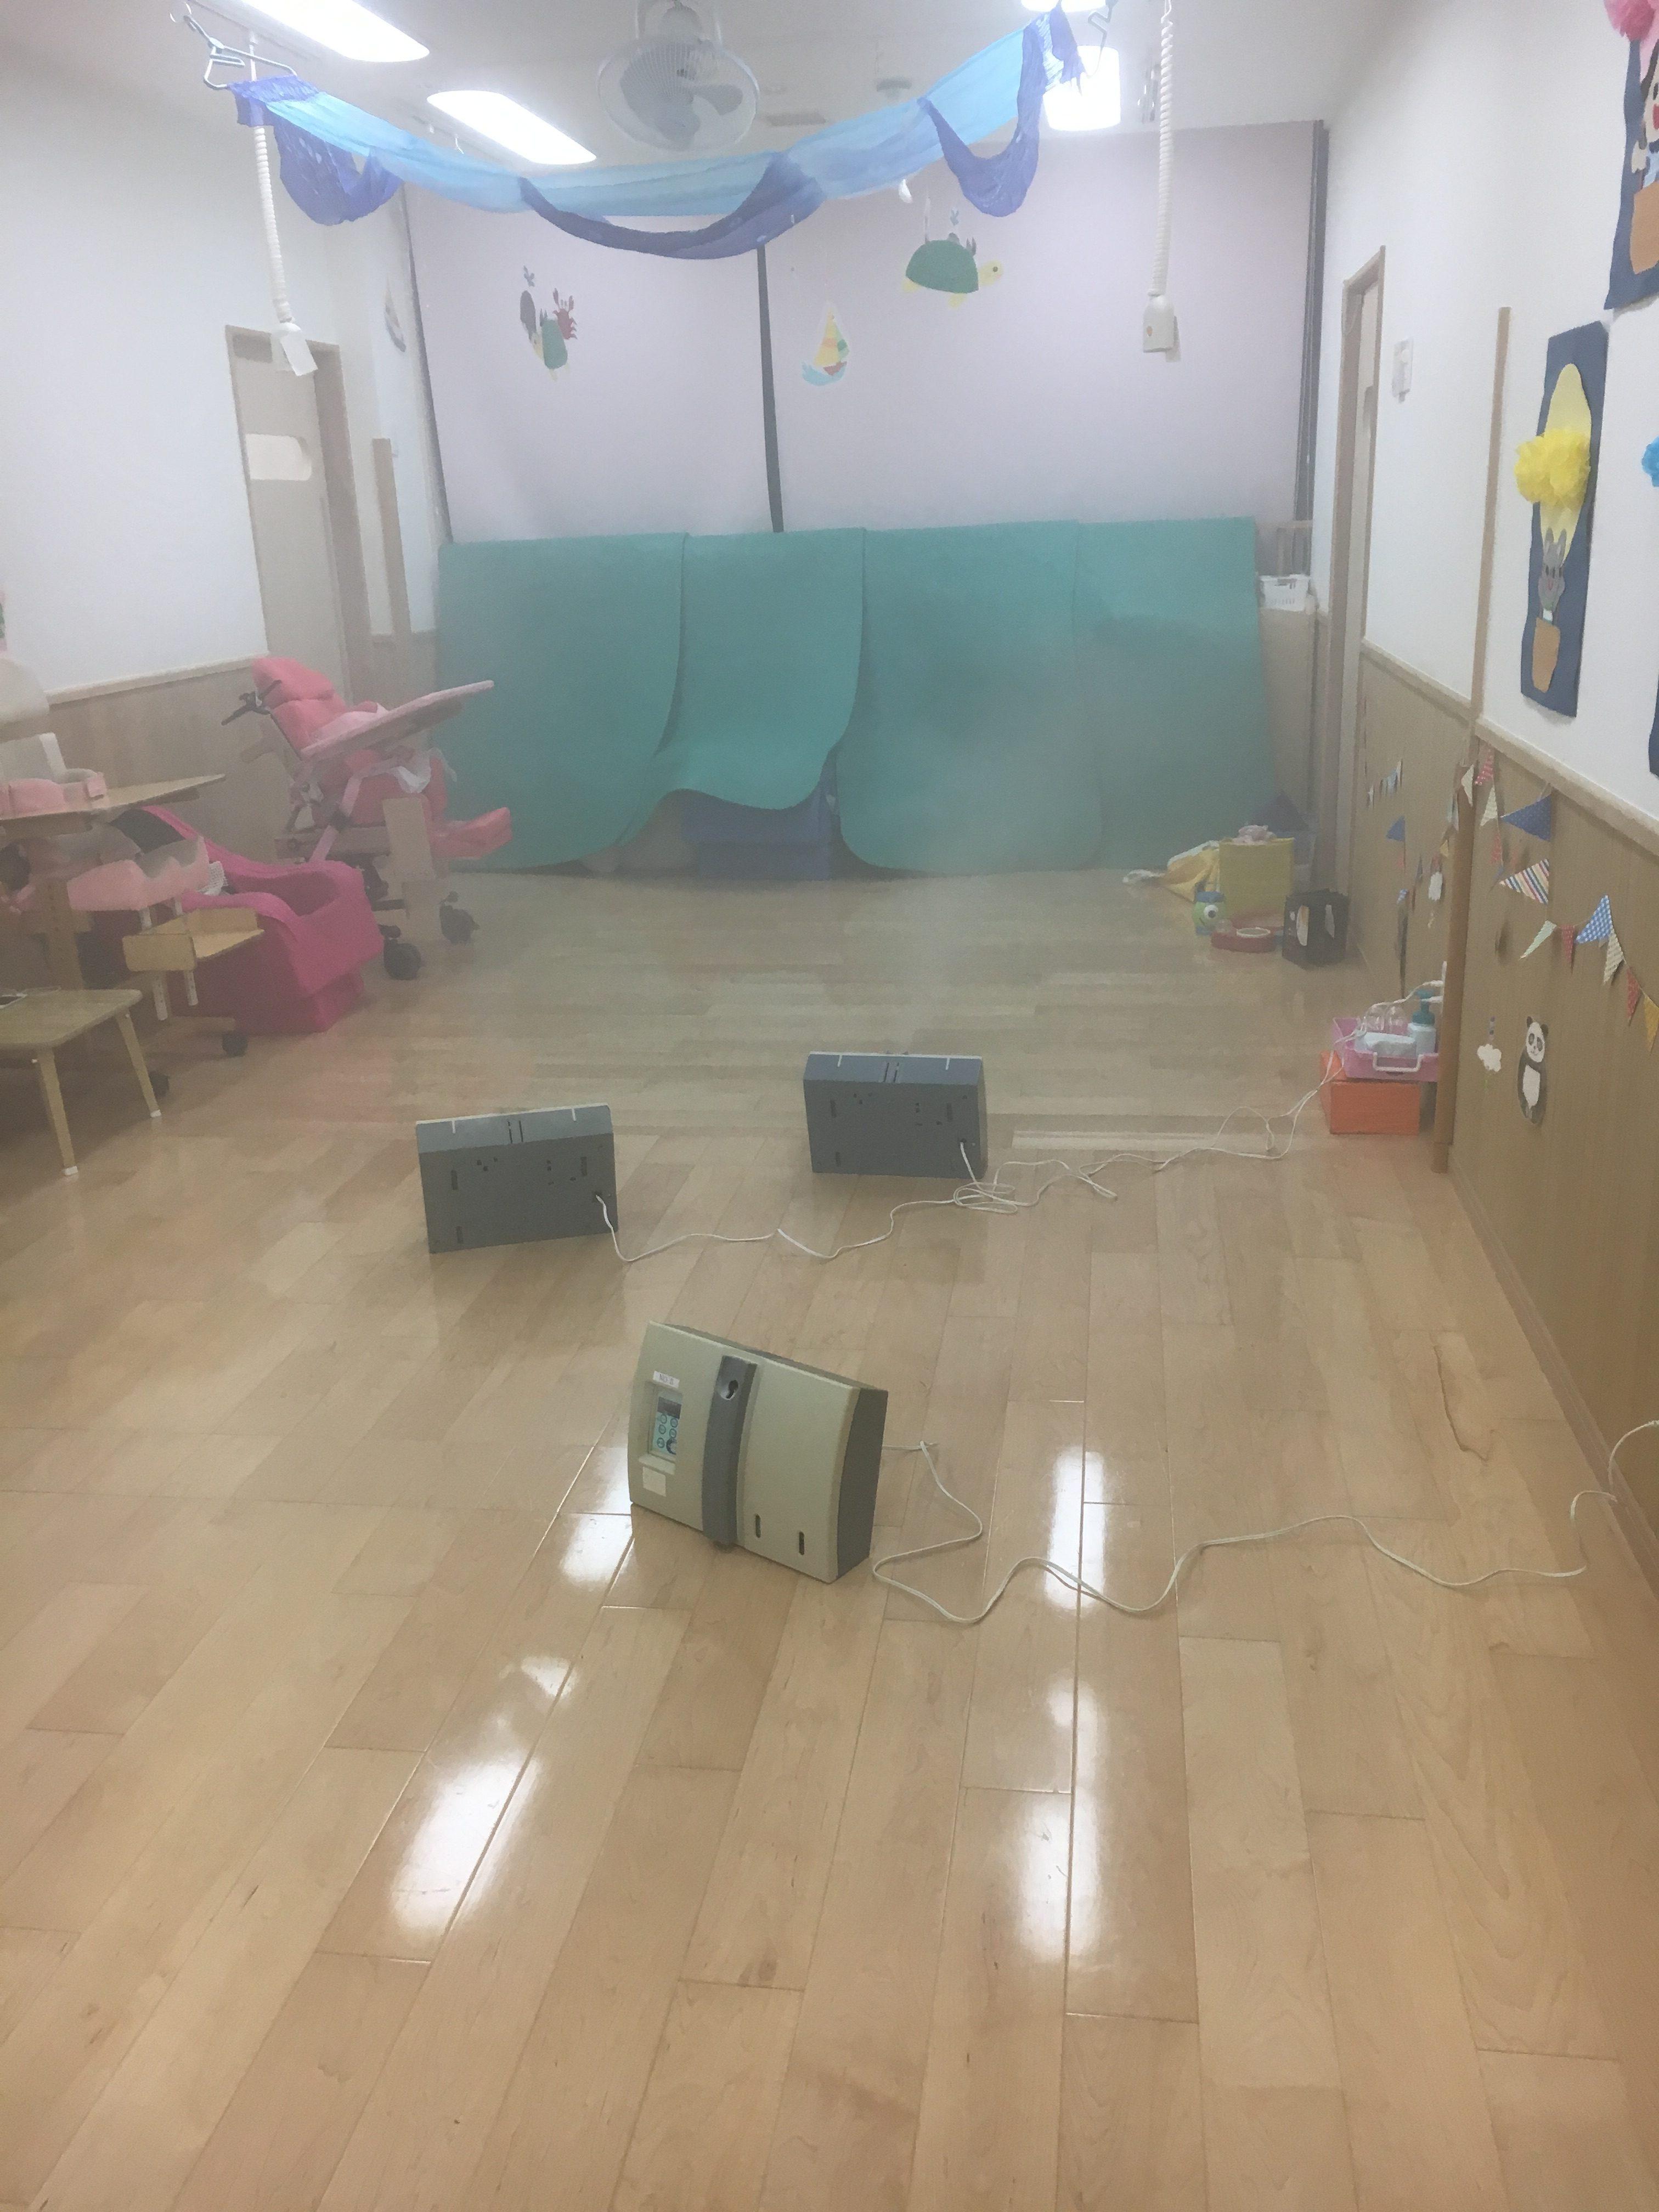 「障害児保育園ヘレン」様の保育施設内、送迎バスをまるごと抗菌